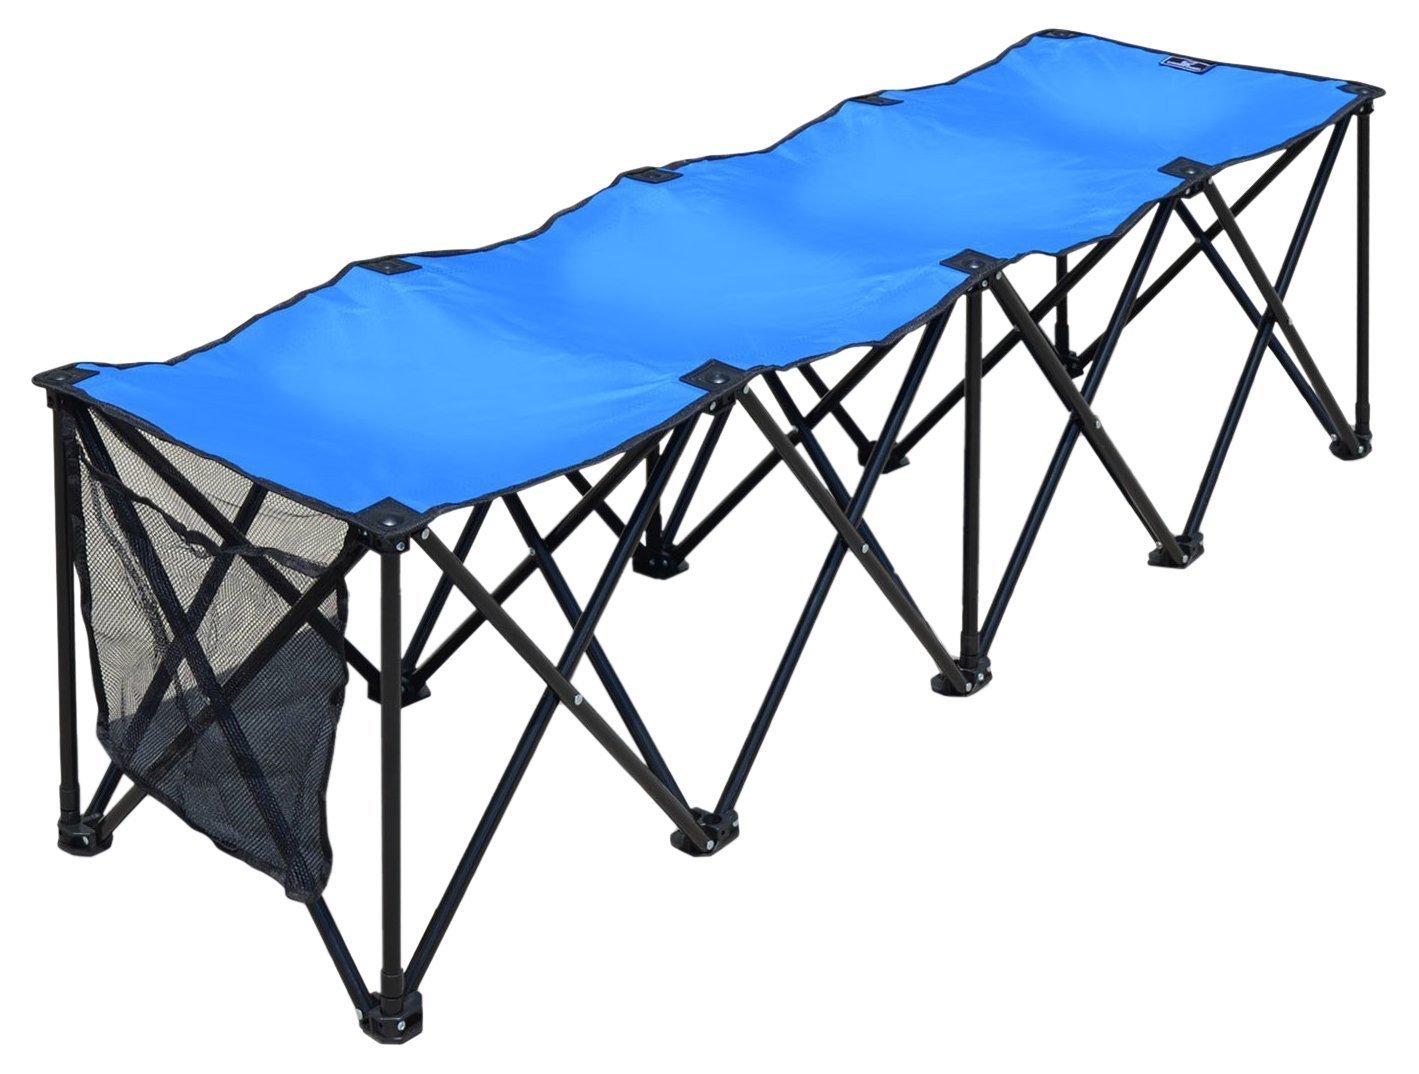 BenefitUSAスポーツサイドラインベンチ3 / 4 / 8 Seater Portable Foldingチームスポーツベンチsitsアウトドア防水 3 Seater ブルー B0728BJ763